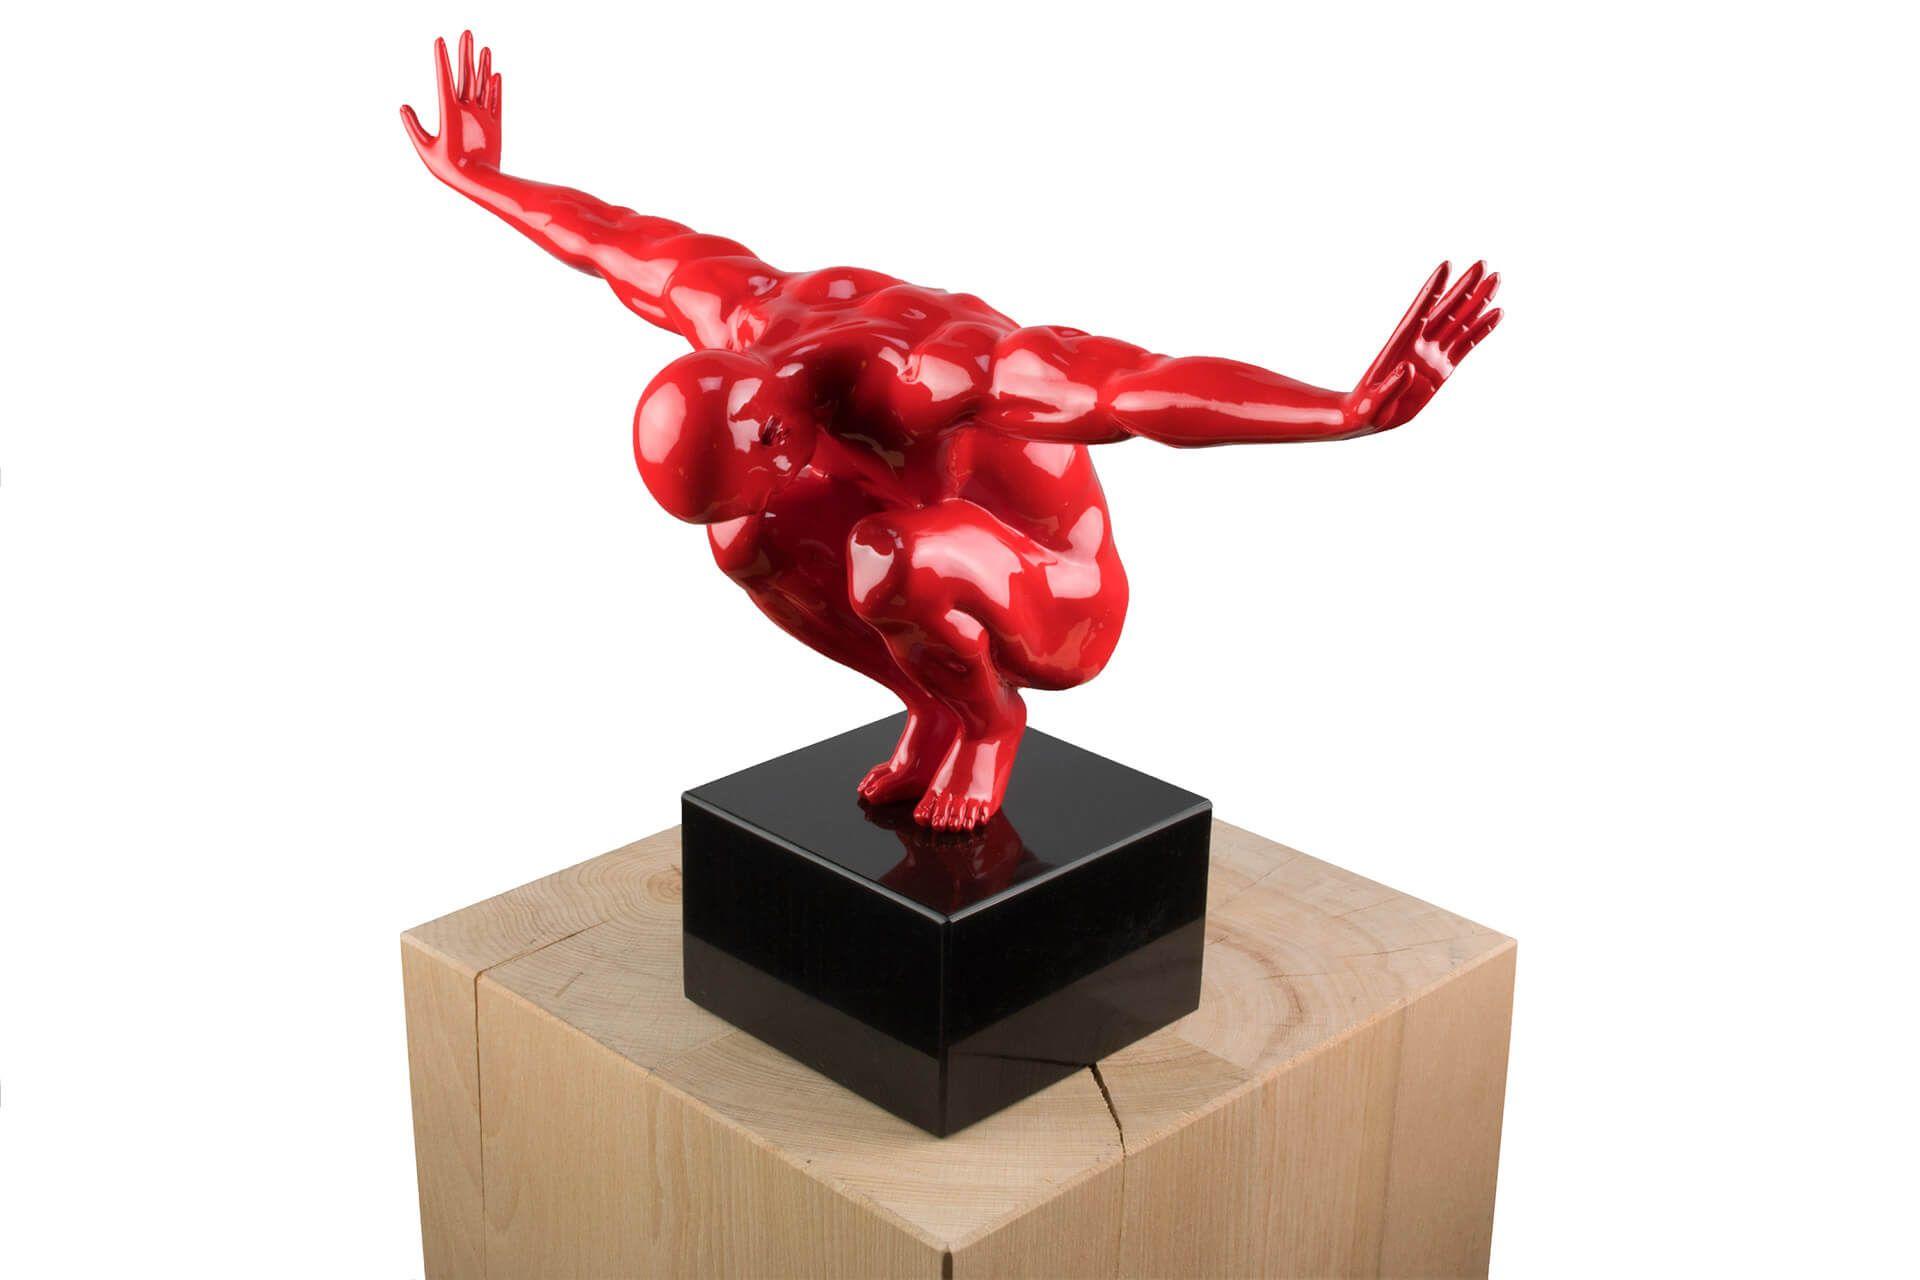 kunststein skulptur 39 die kraft in mir 39 30x30x13cm sculptures pinterest kunst skulpturen. Black Bedroom Furniture Sets. Home Design Ideas